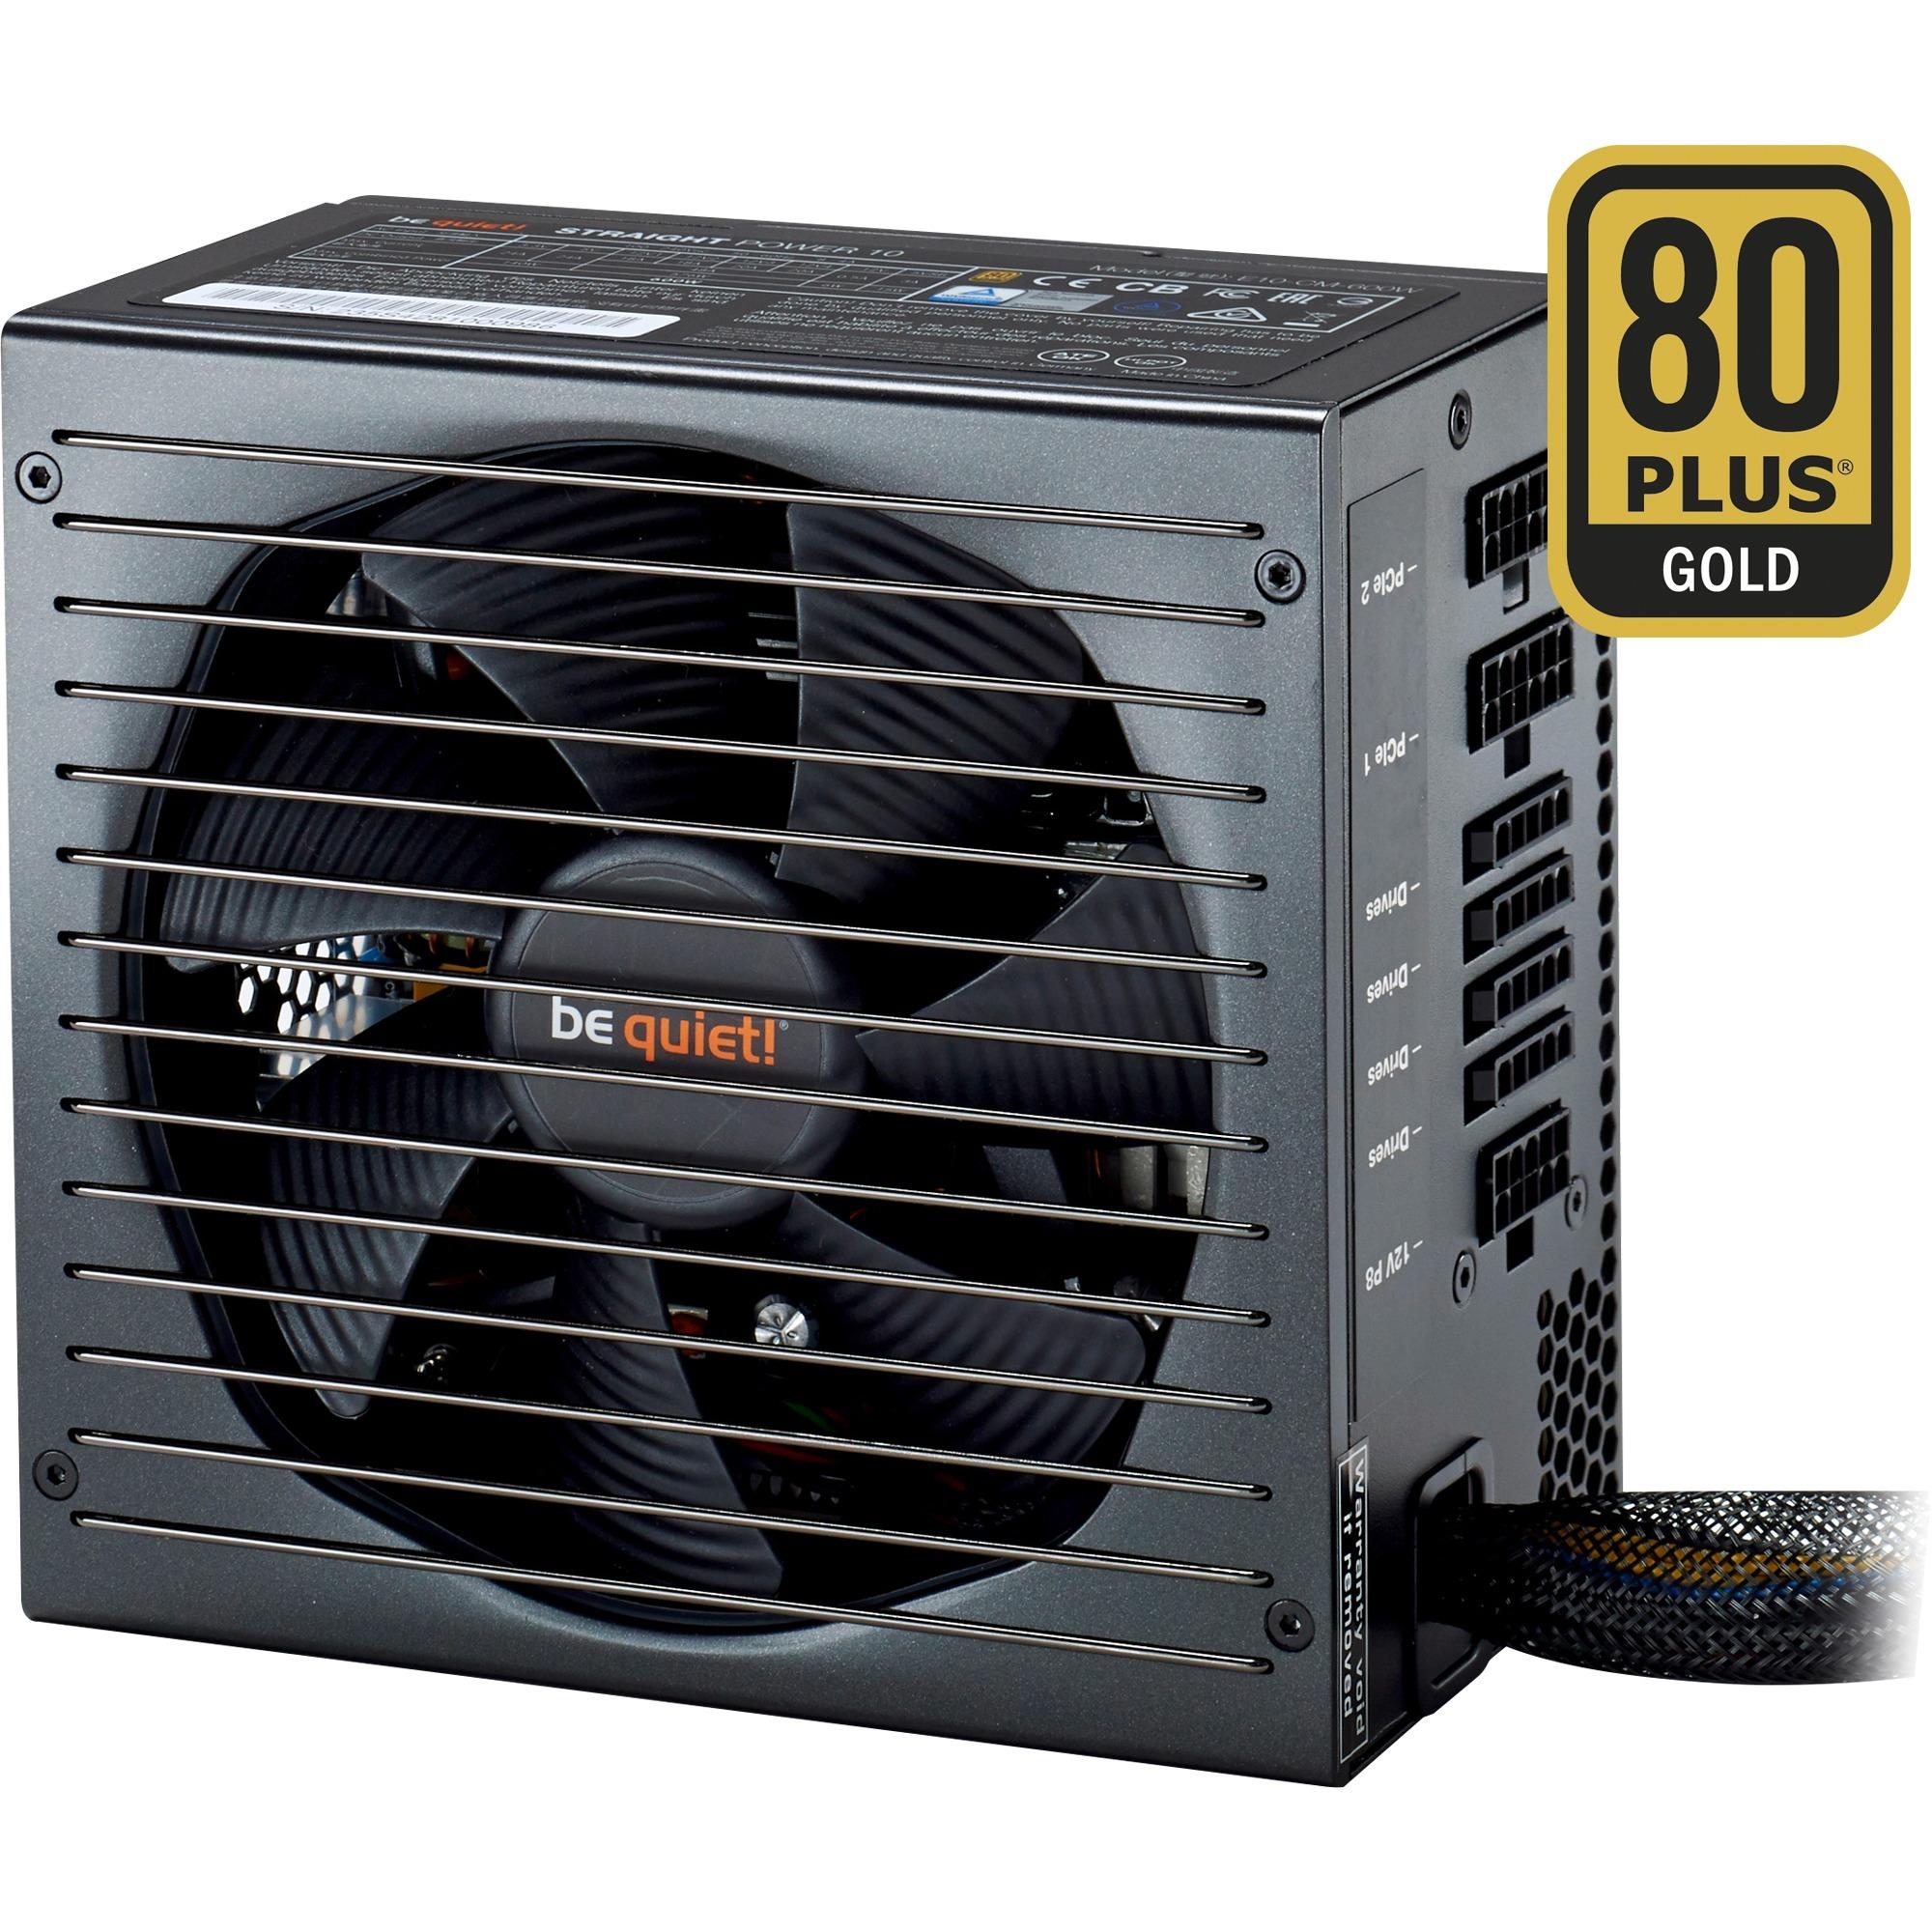 BN234 500W ATX Negro unidad de fuente de alimentación, Fuente de alimentación de PC